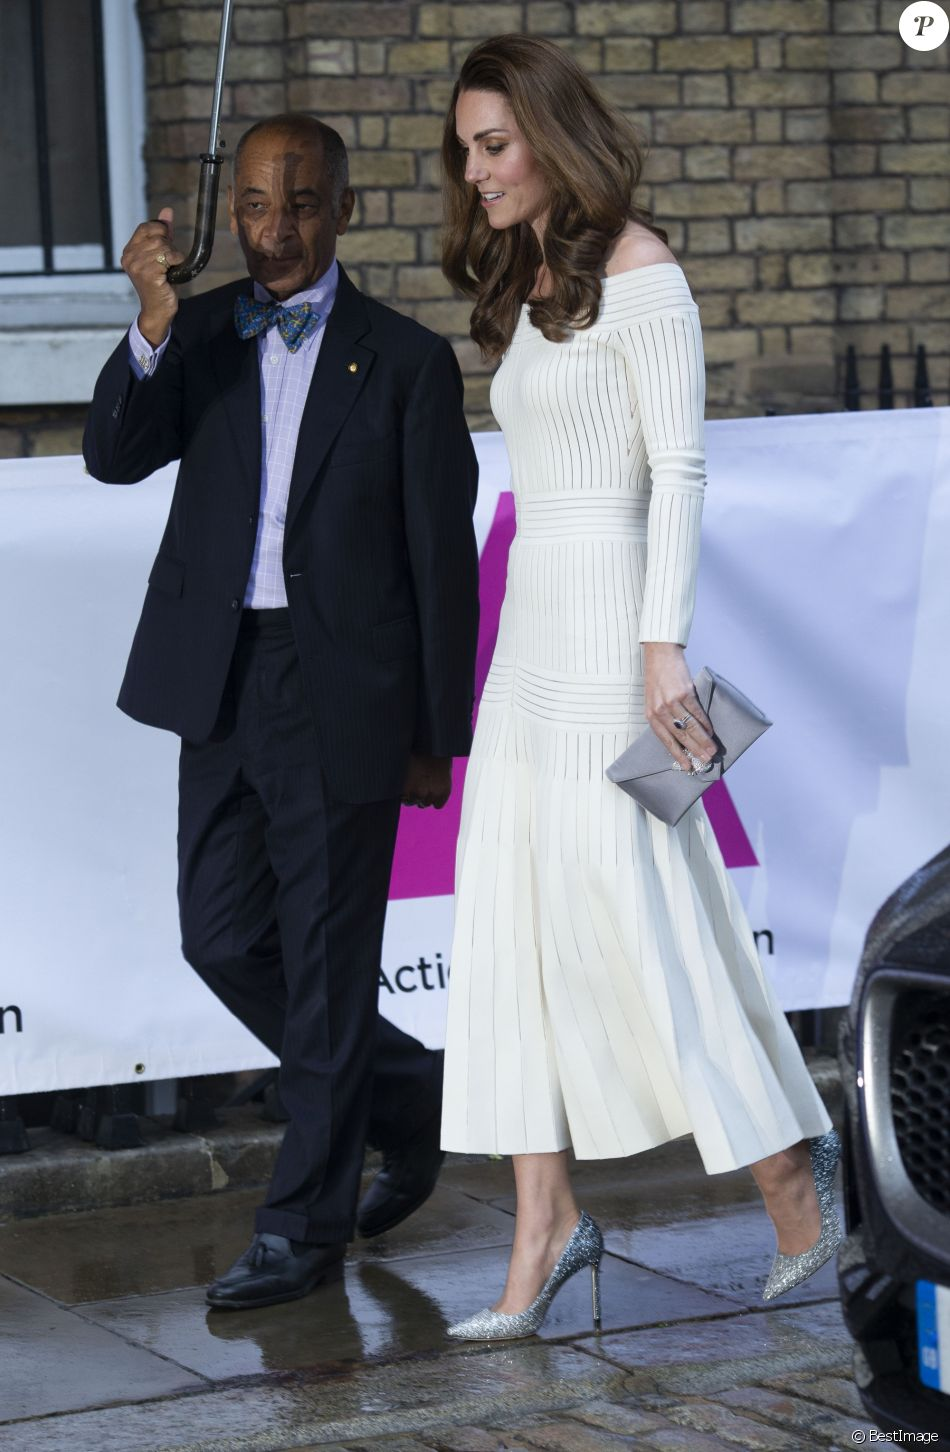 Кейт Миддлтон в роскошном платье выступила на гала-ужине Action on Addiction